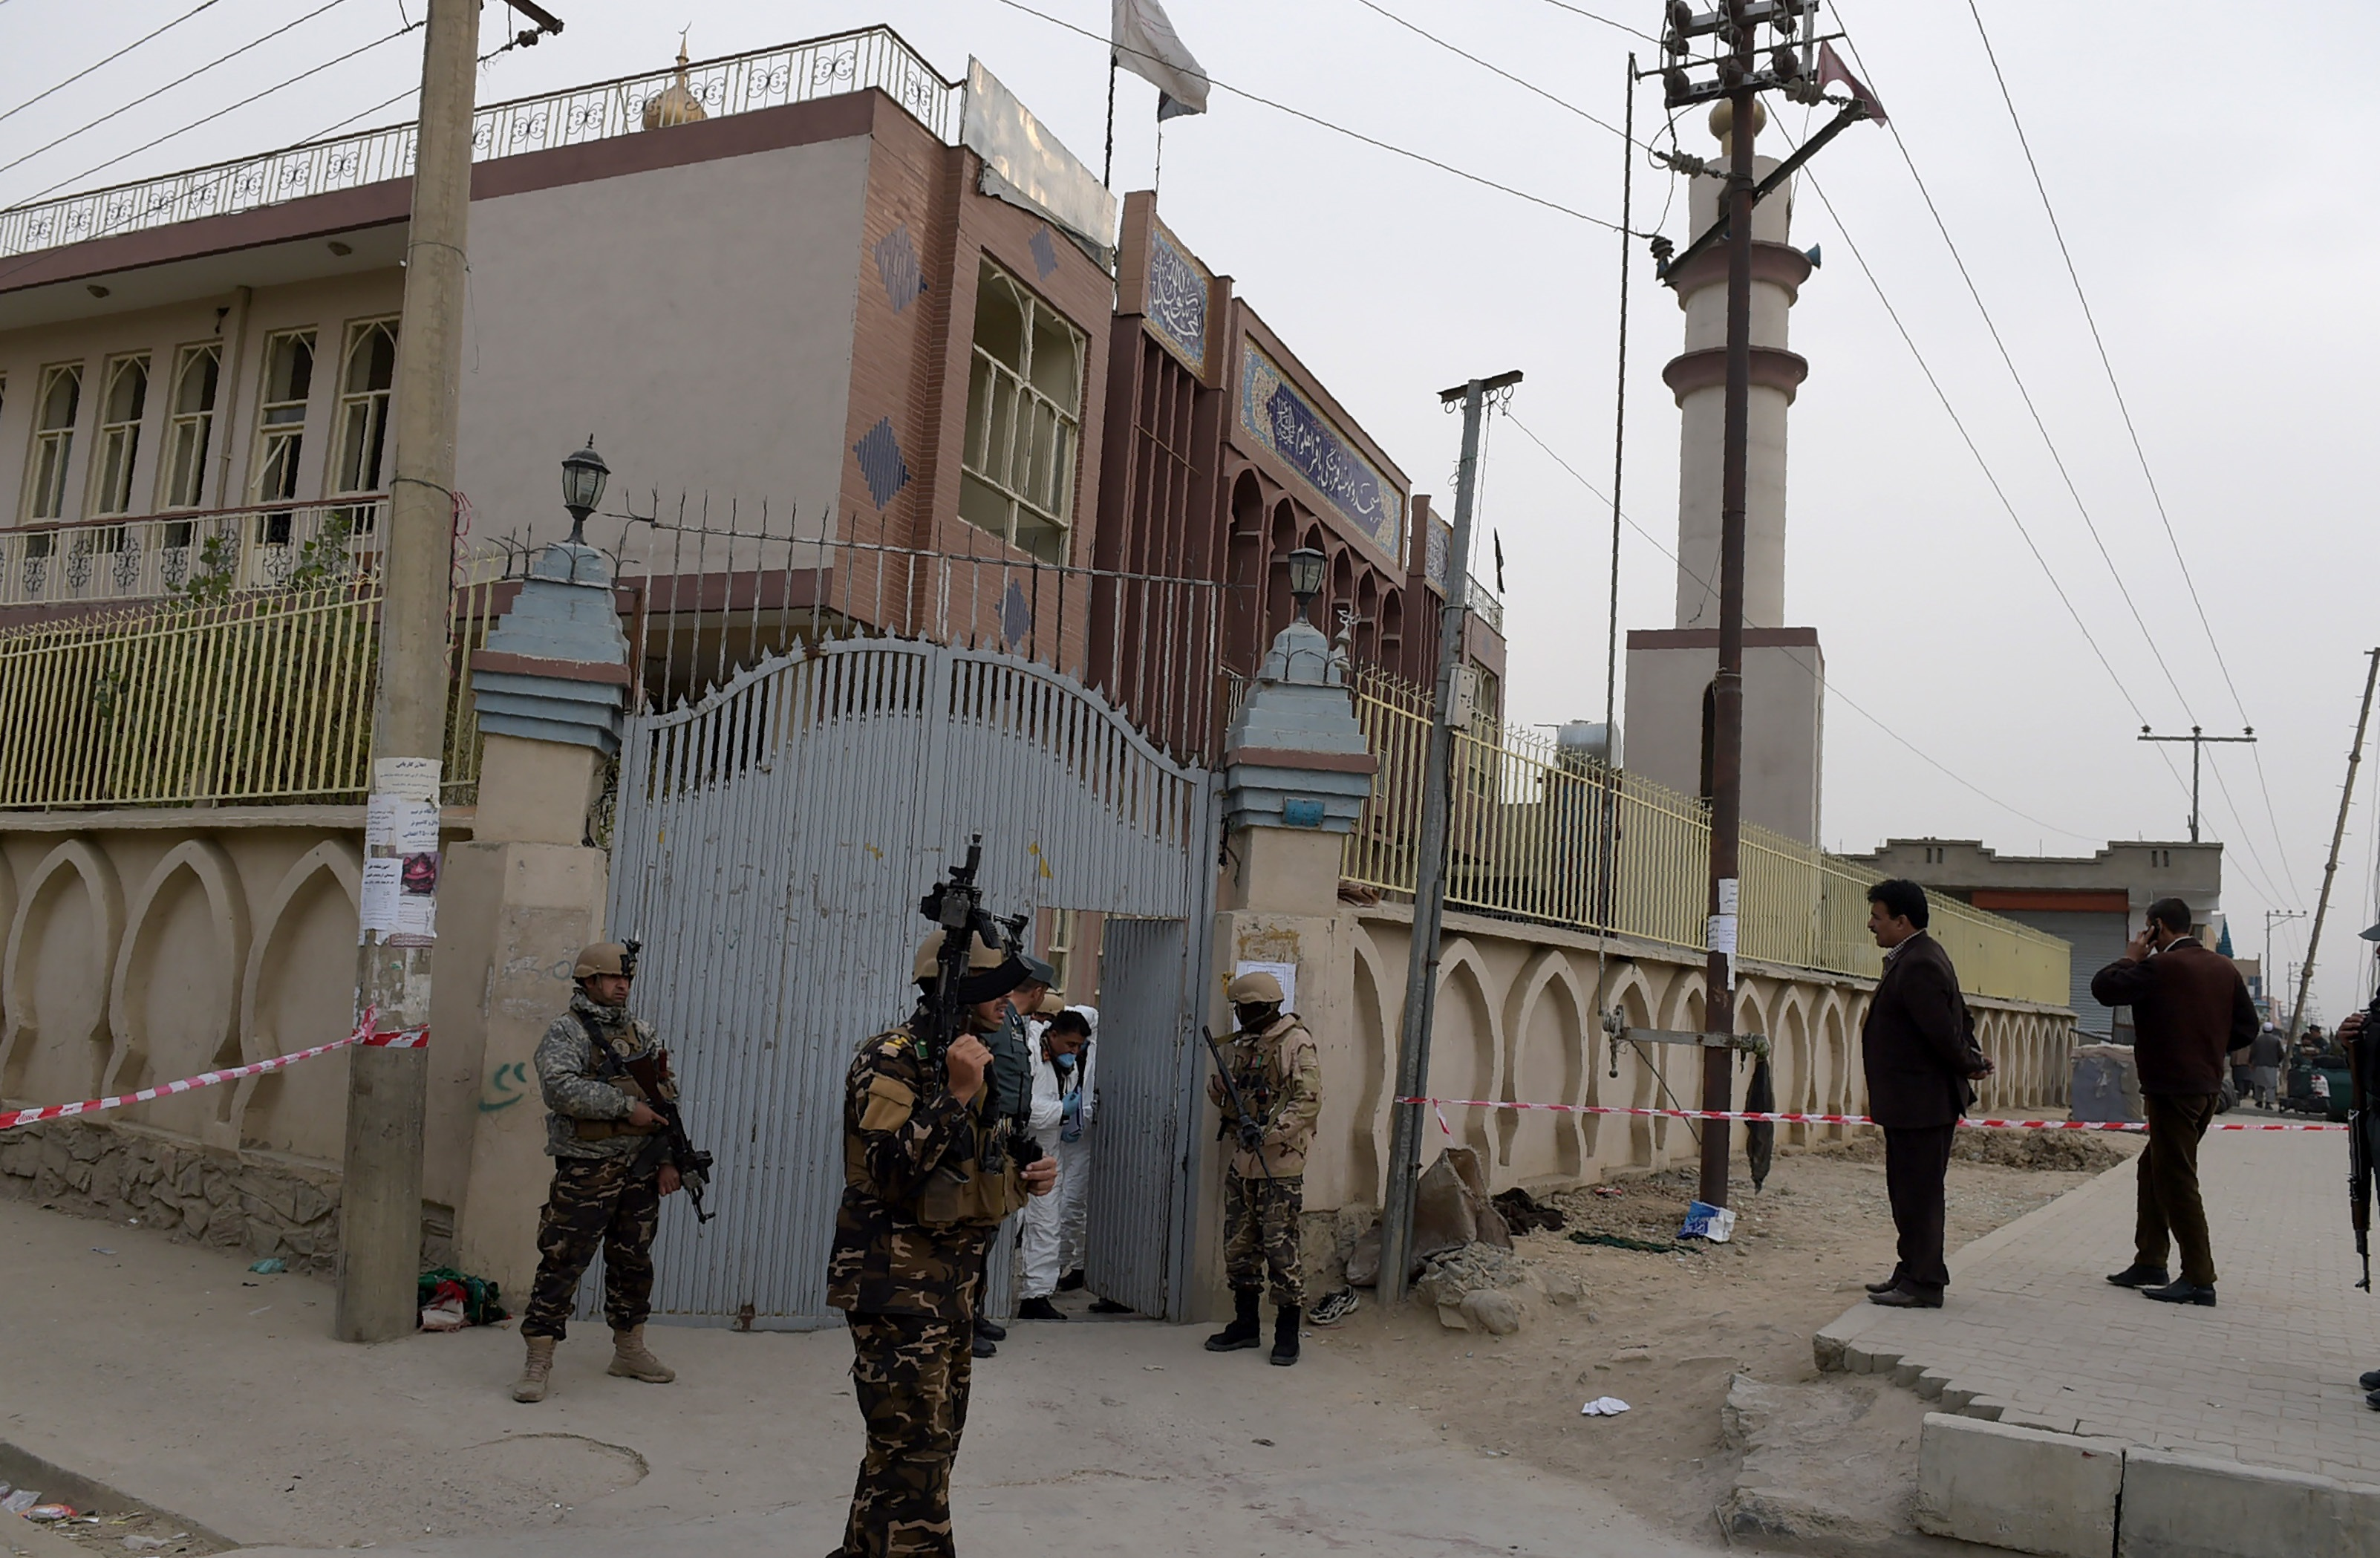 افغانستان بمب گذاری در مسجد کابل را محکوم می کند